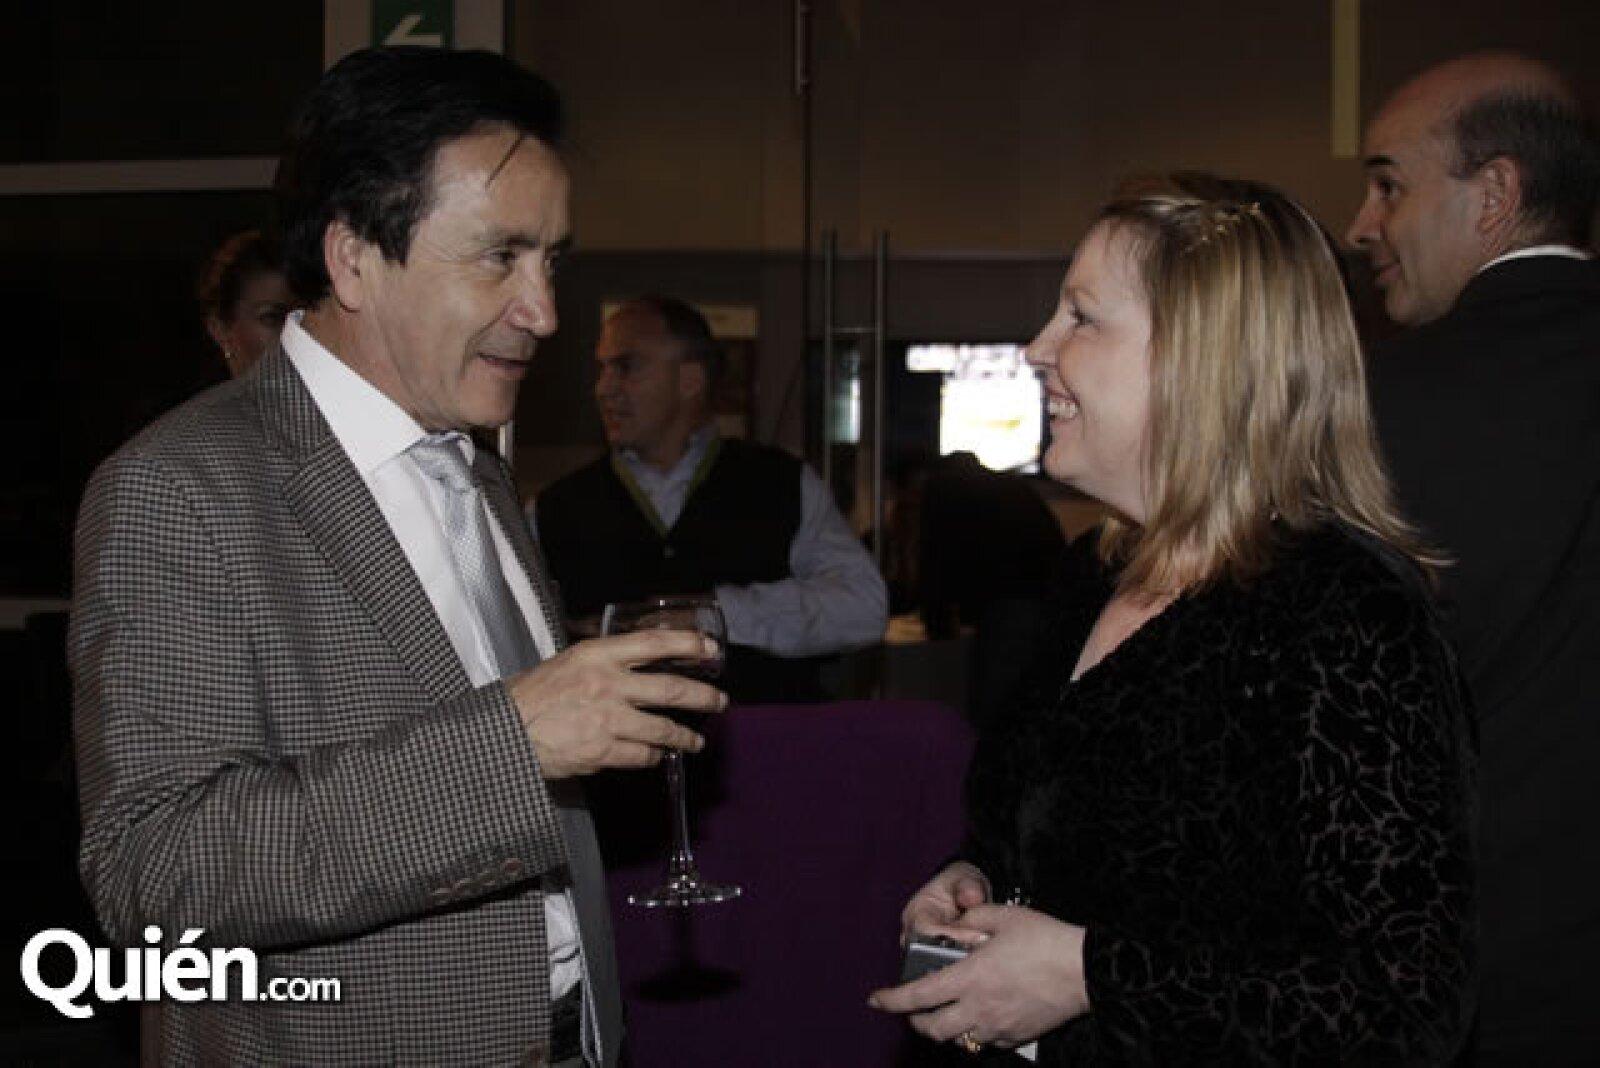 Raúl Estrada y Deborah Newmark